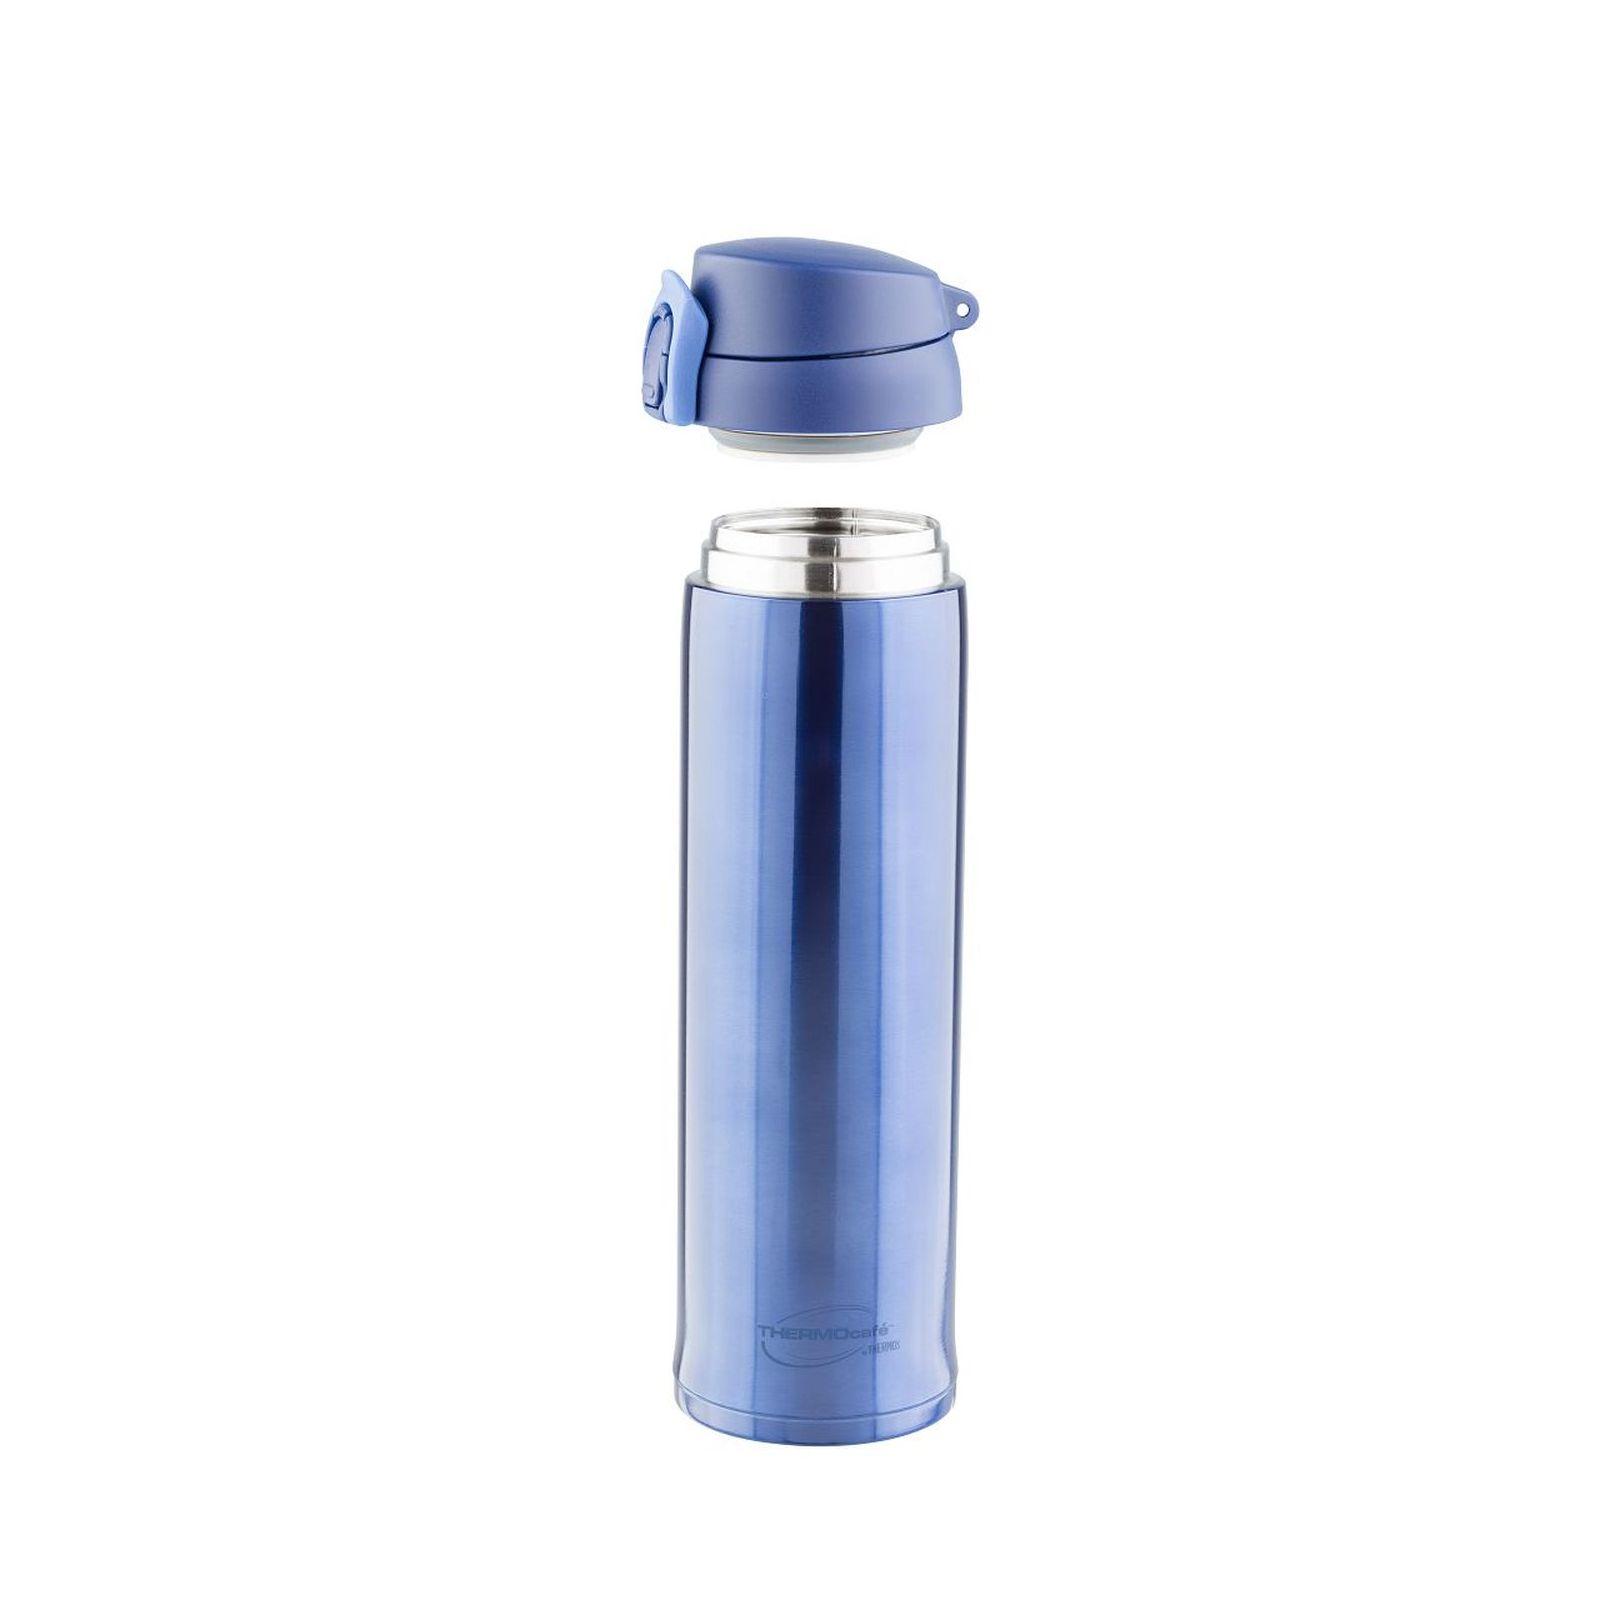 Термос со стальной колбойТермос из нерж. стали тм ThermoCafe XTC-60 (Blue) 0.6L<br>